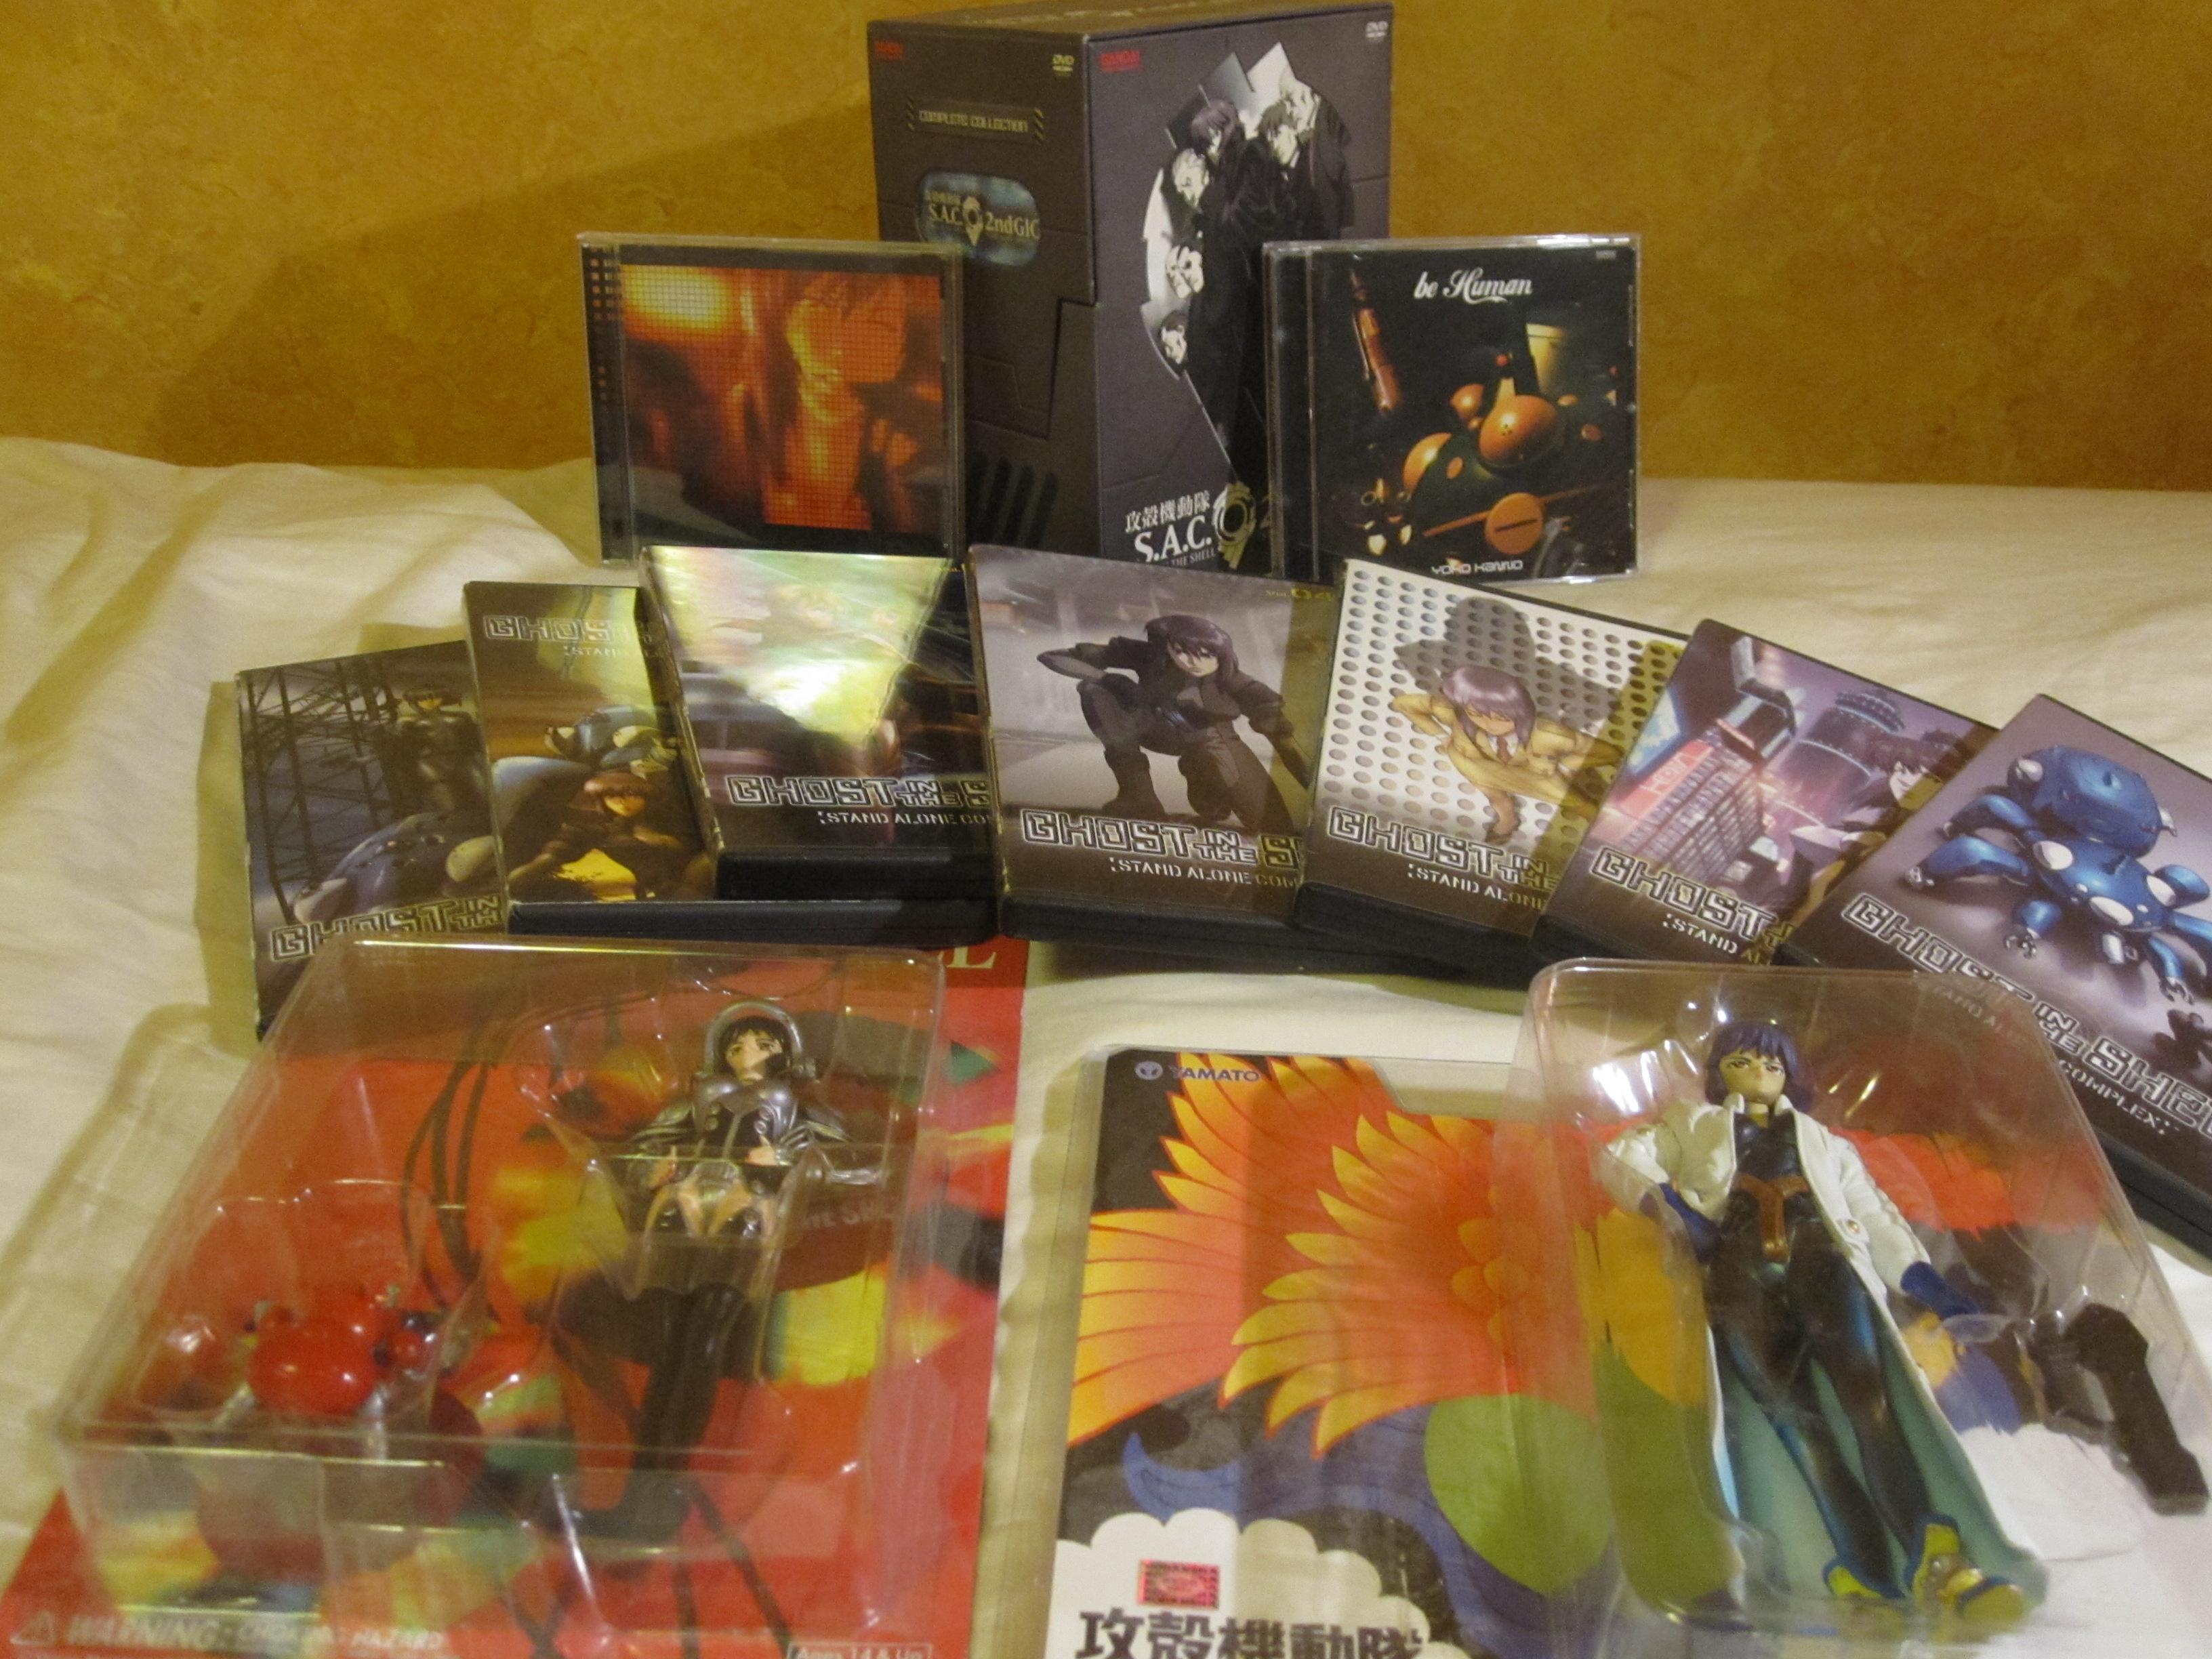 alpha album kusanagi_motoko koukaku_kidotai_s.a.c. koukaku_kidotai victor_entertainment kanno_youko original_soundtrack